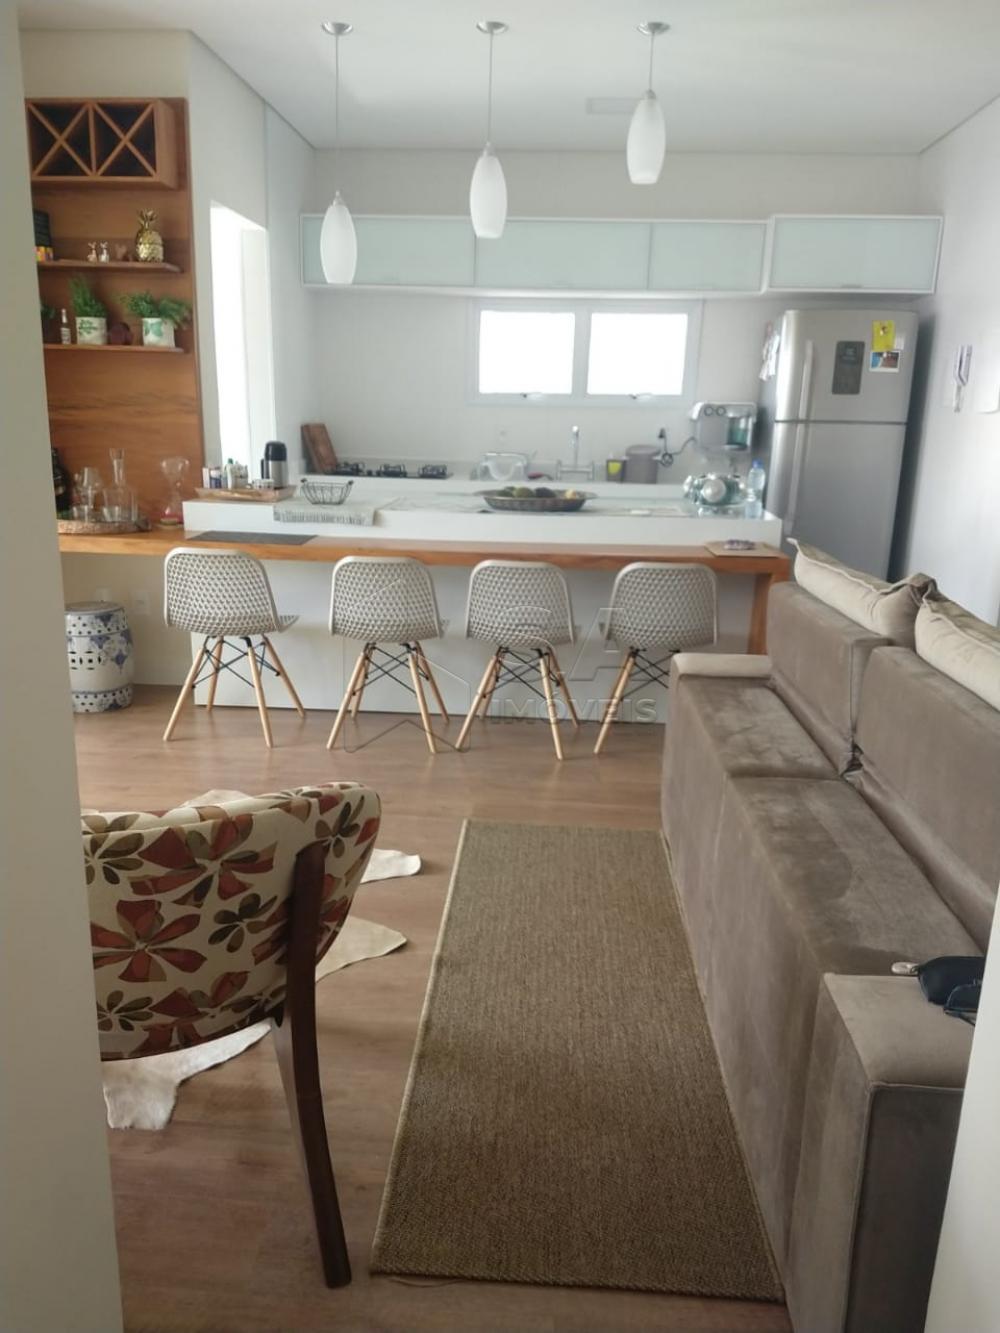 Comprar Apartamento / Padrão em Botucatu apenas R$ 750.000,00 - Foto 4